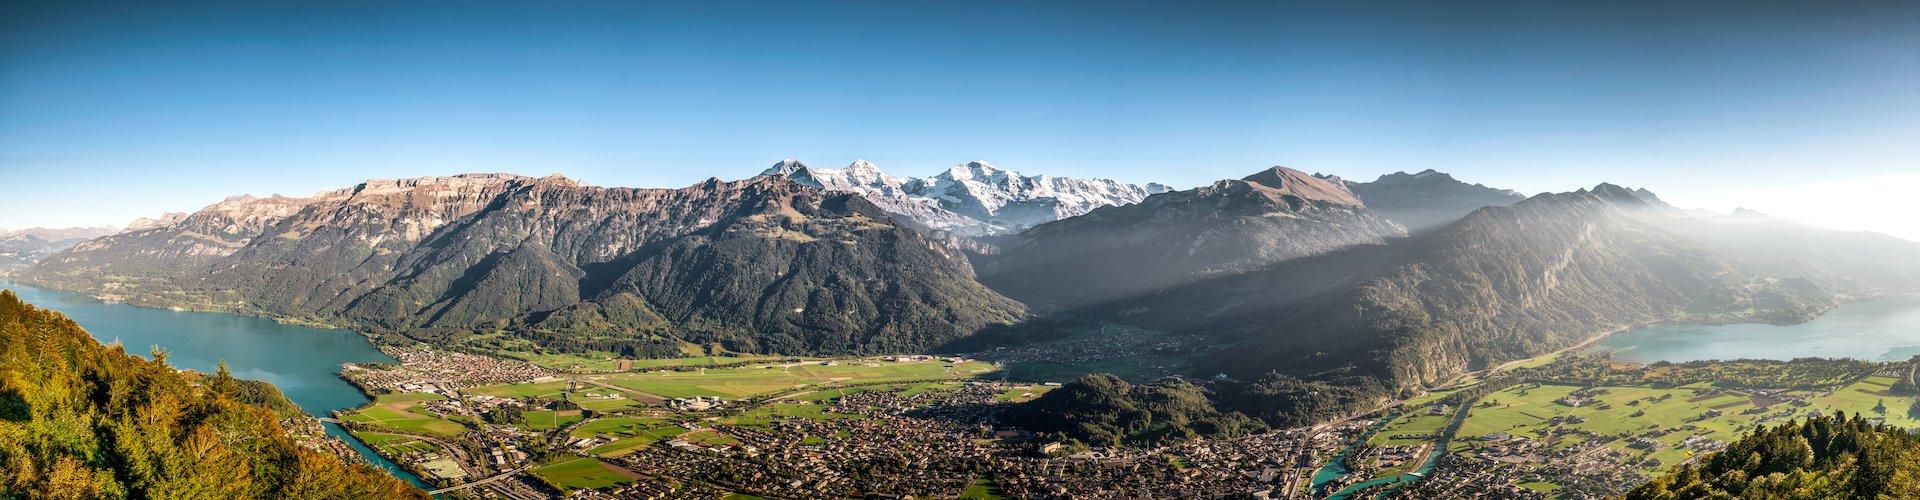 Familienurlaub in der Schweiz